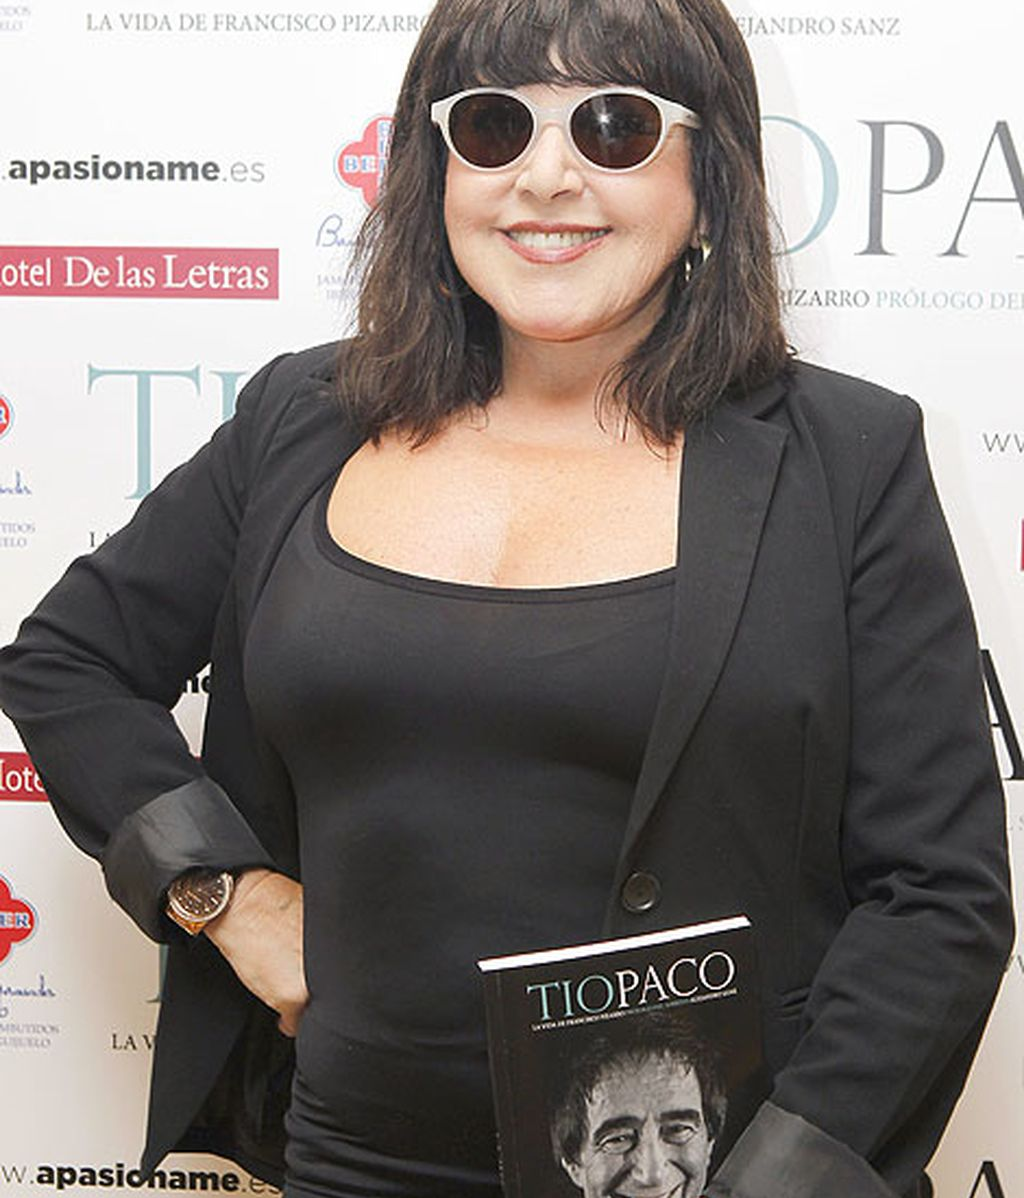 Loles León acudió con sus inseparables gafas de sol